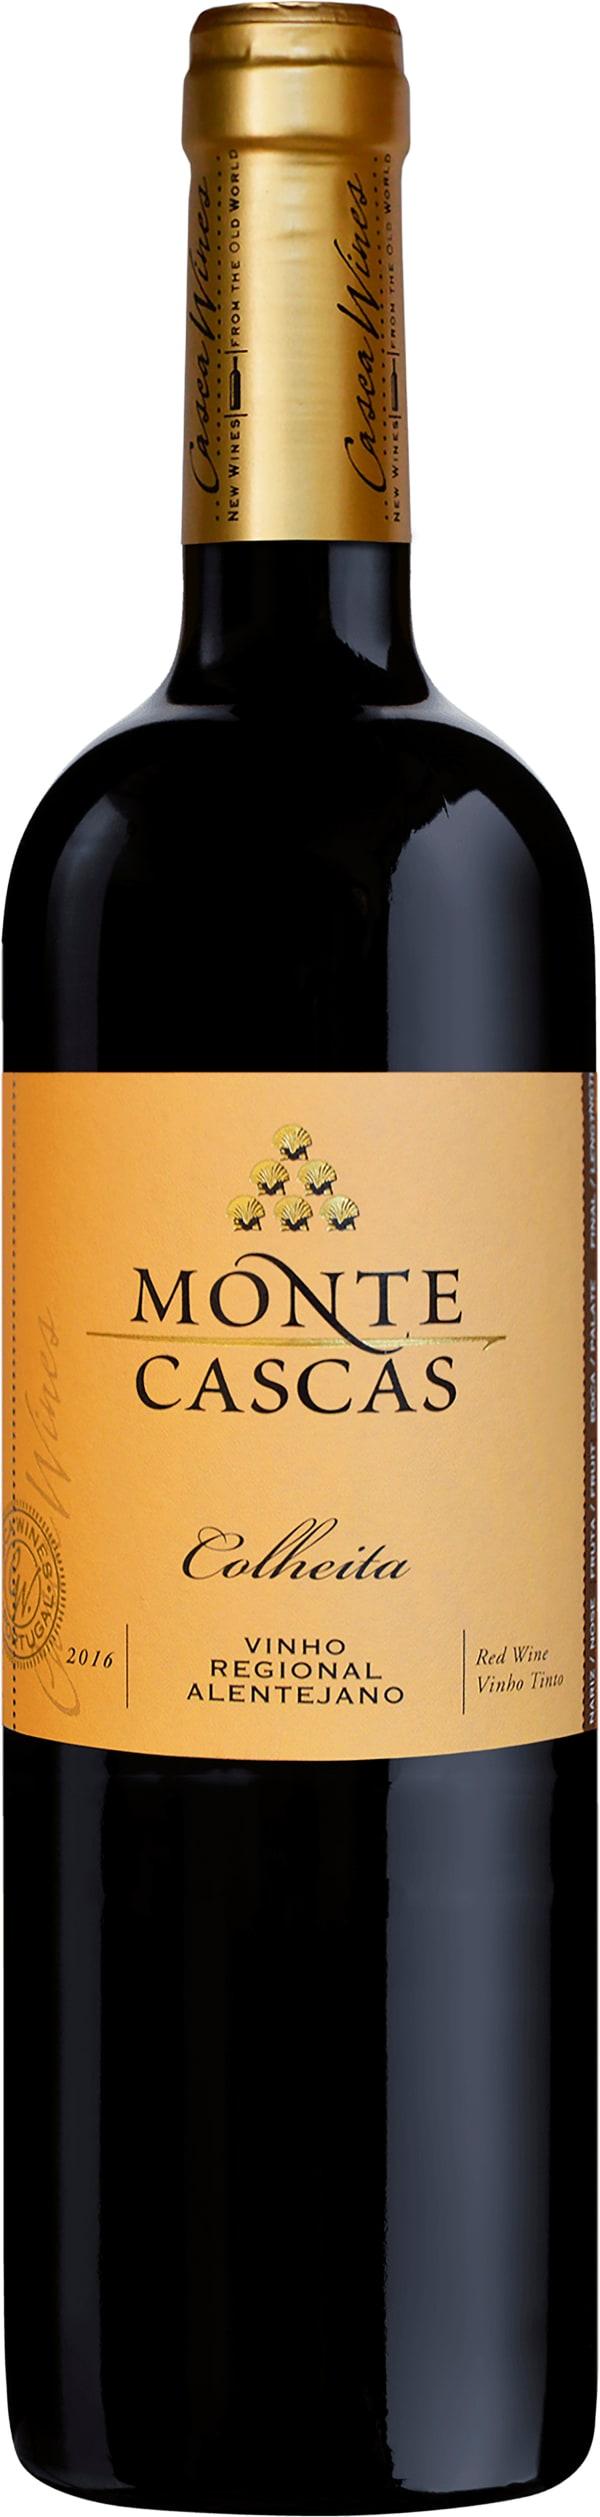 Monte Cascas Colheita 2016